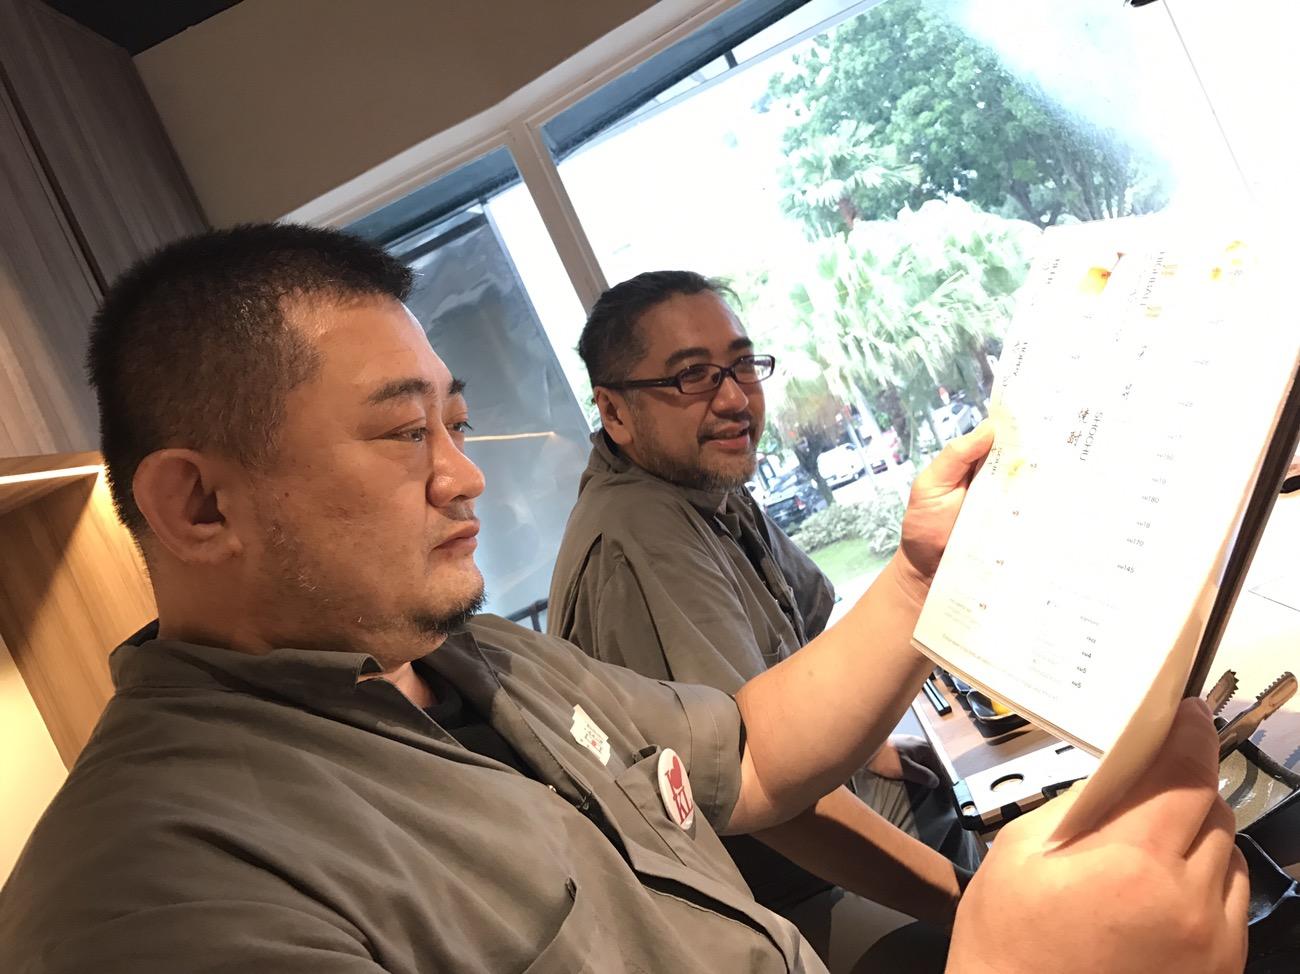 オジ旅 新日本焼肉党 マレーシアクアラルンプール